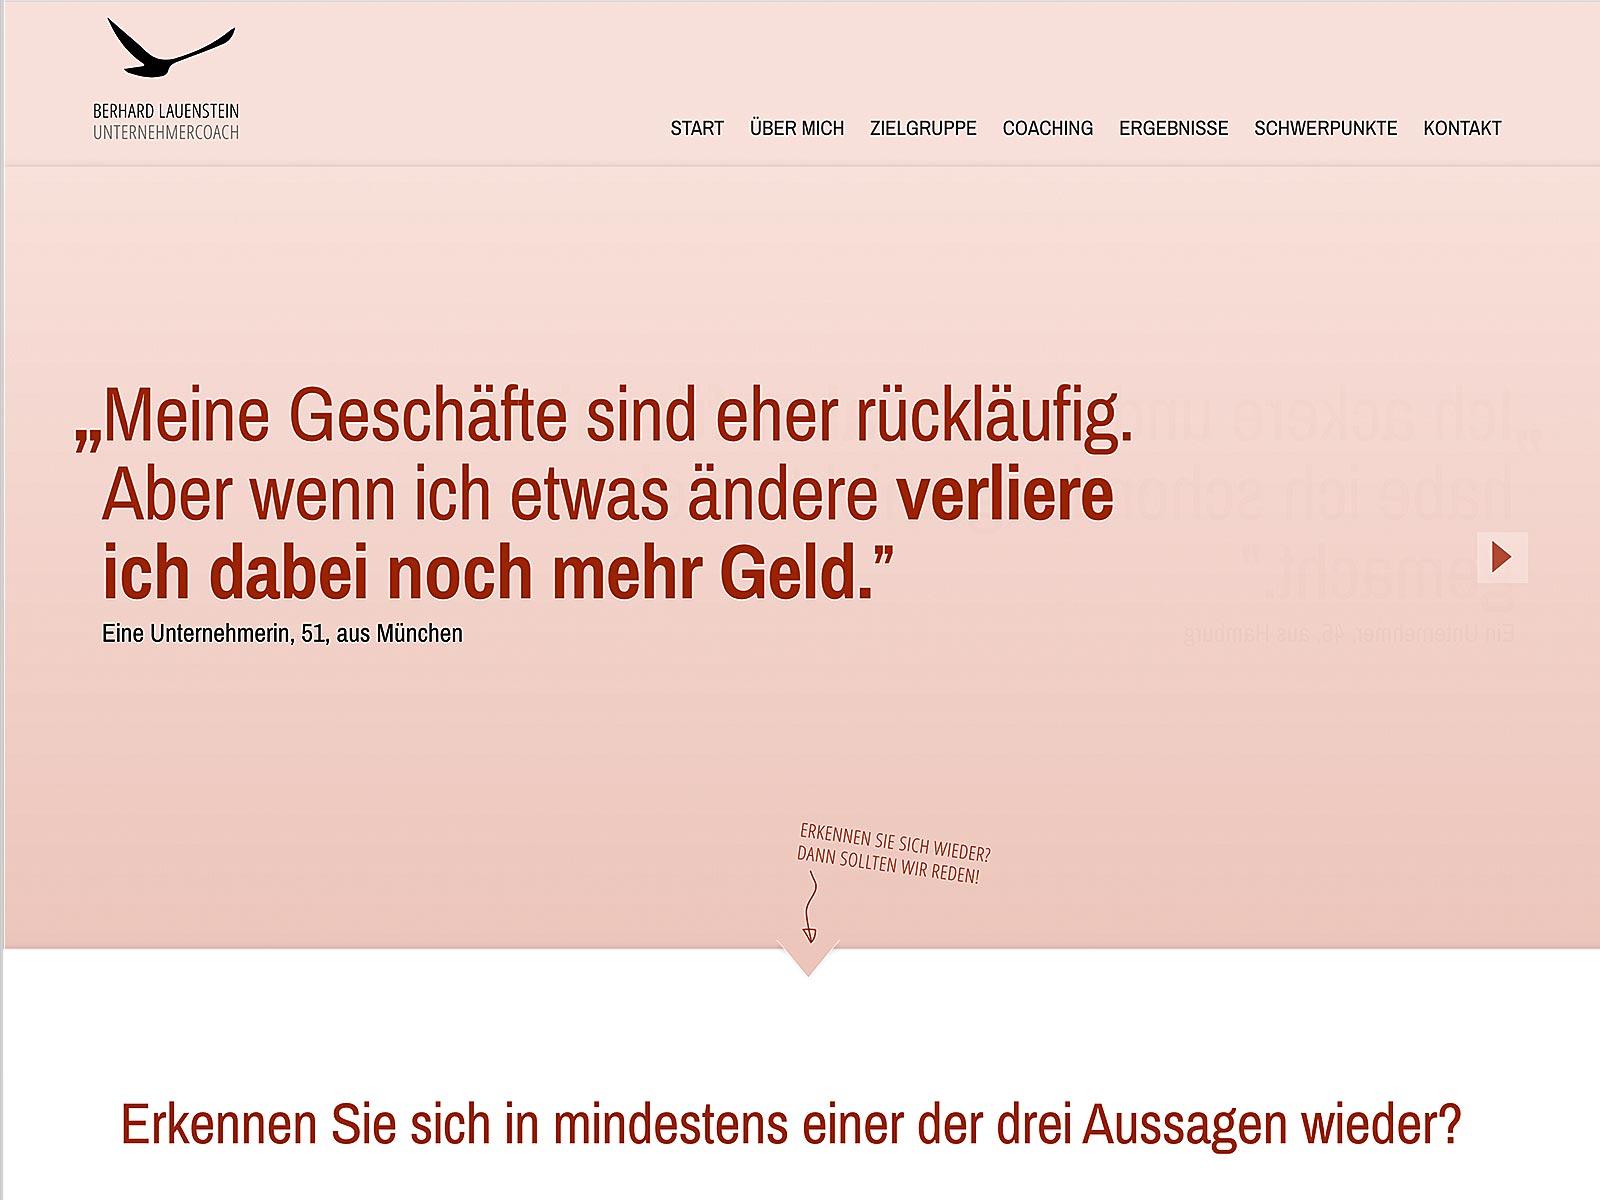 Digital Marketing und Typo3-Entwicklung Lauenstein Consulting